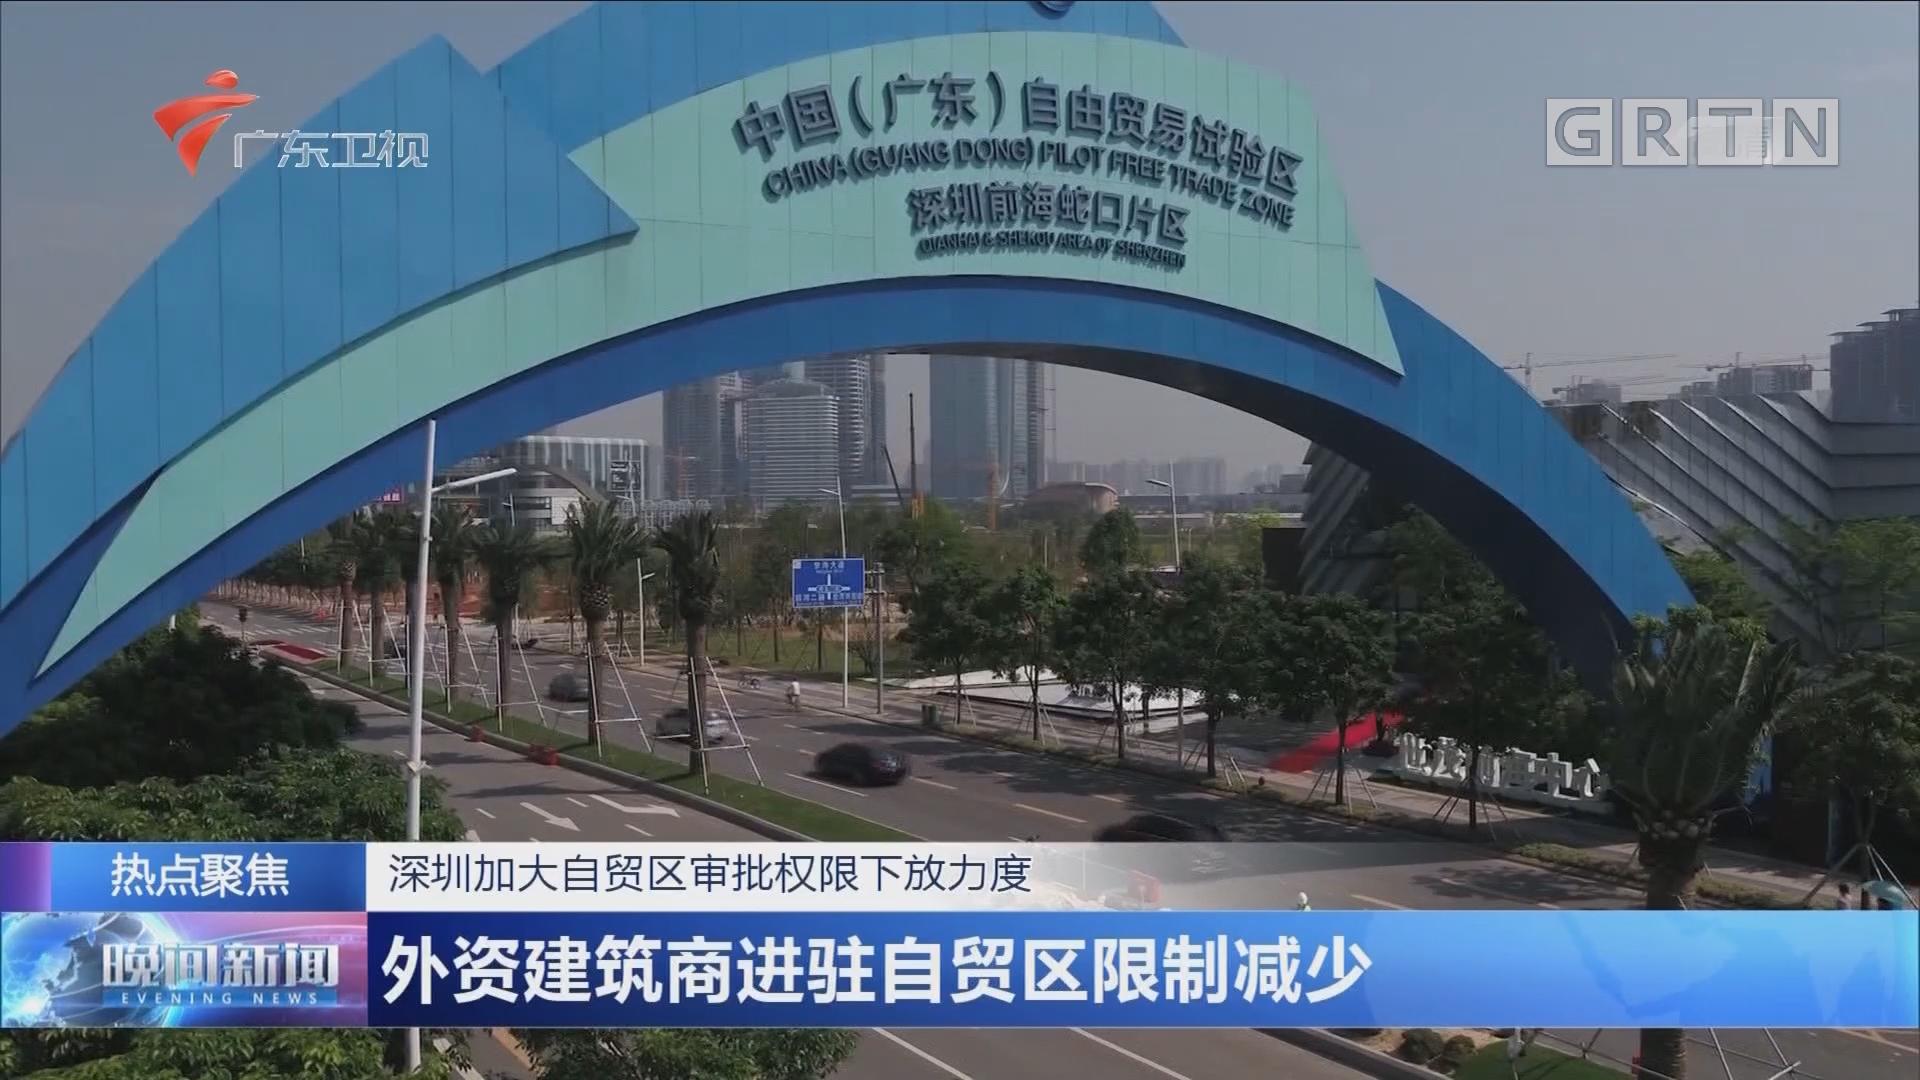 深圳加大自贸区审批权限下放力度:外资建筑商进驻自贸区限制减少